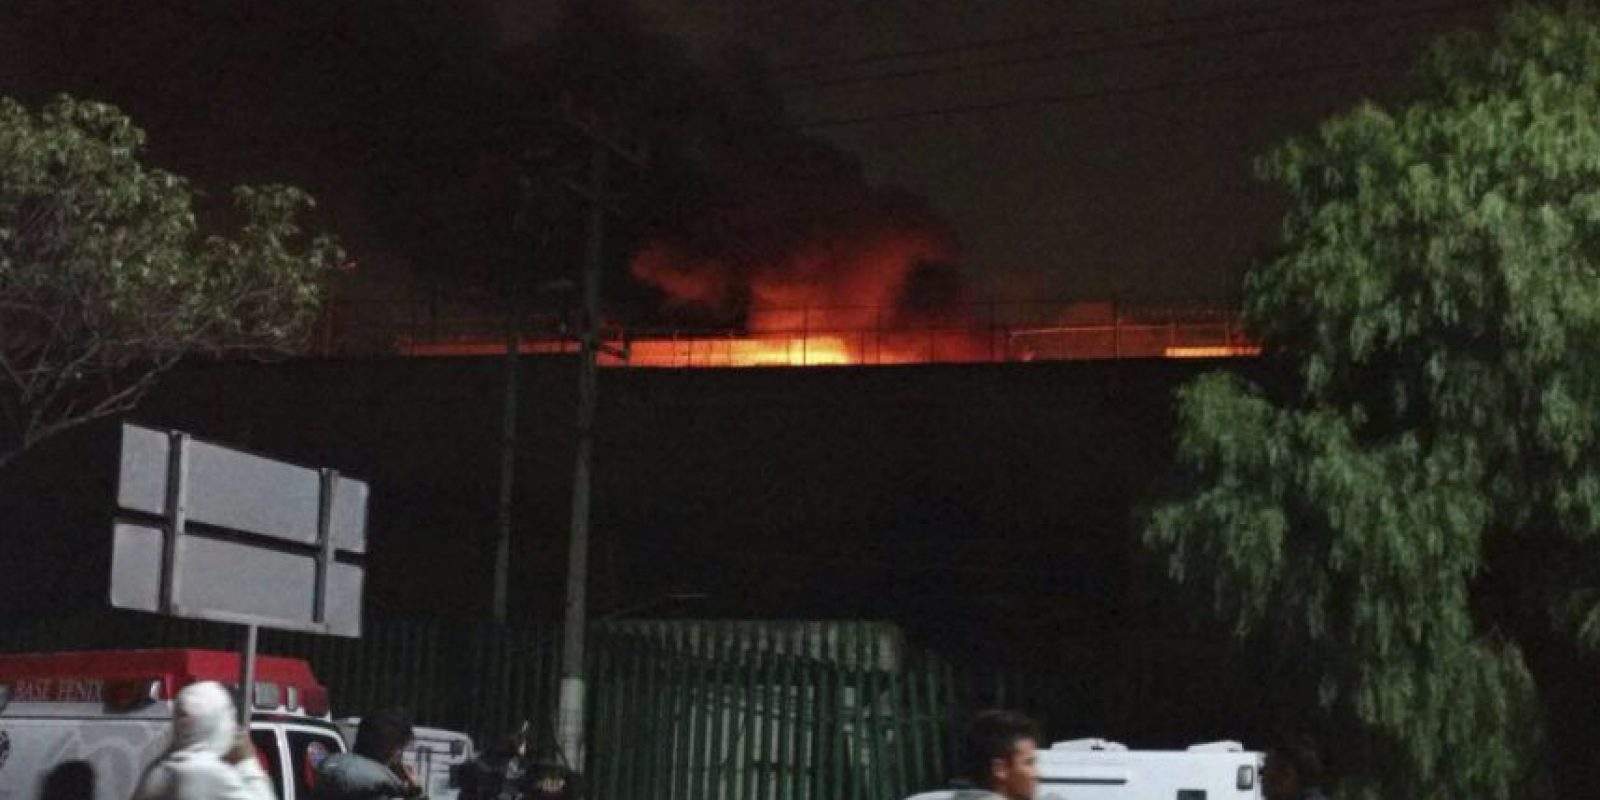 Los presos incendiaron diversos objetos al interior del penal Foto:cuartoscuro